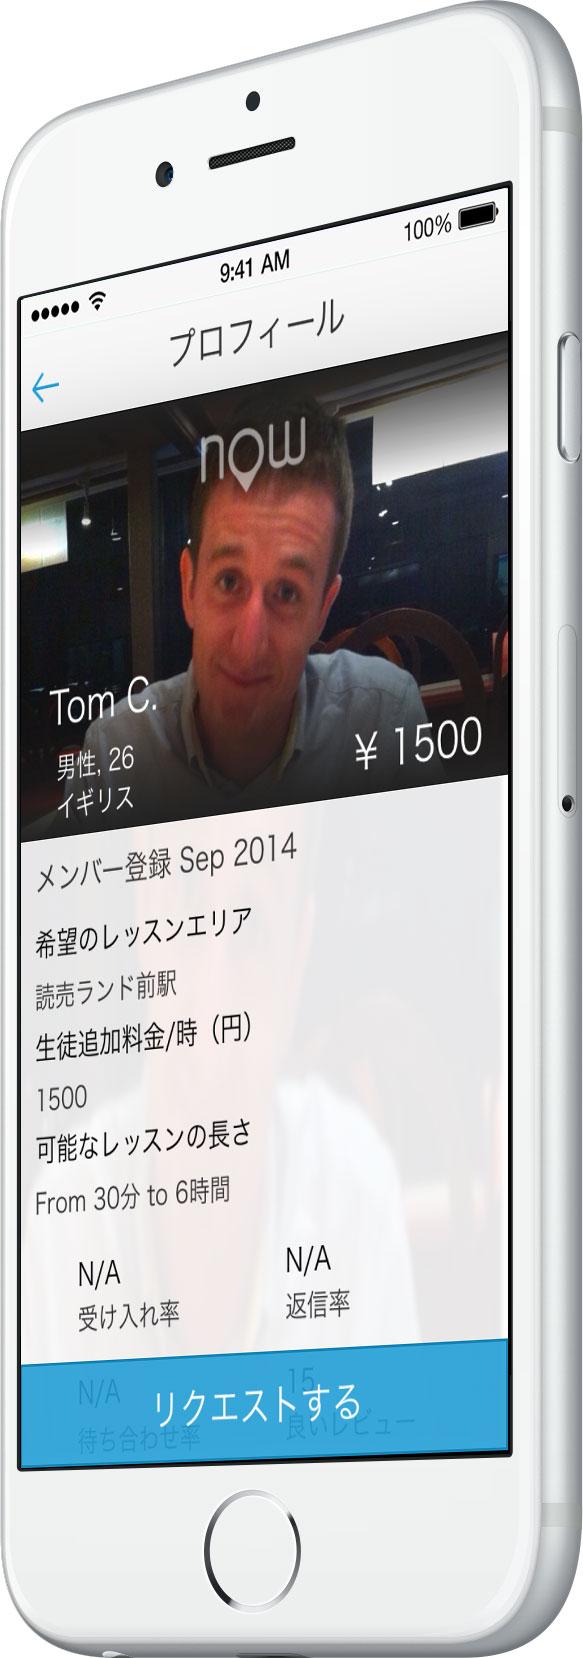 teacher_Tom.jpg